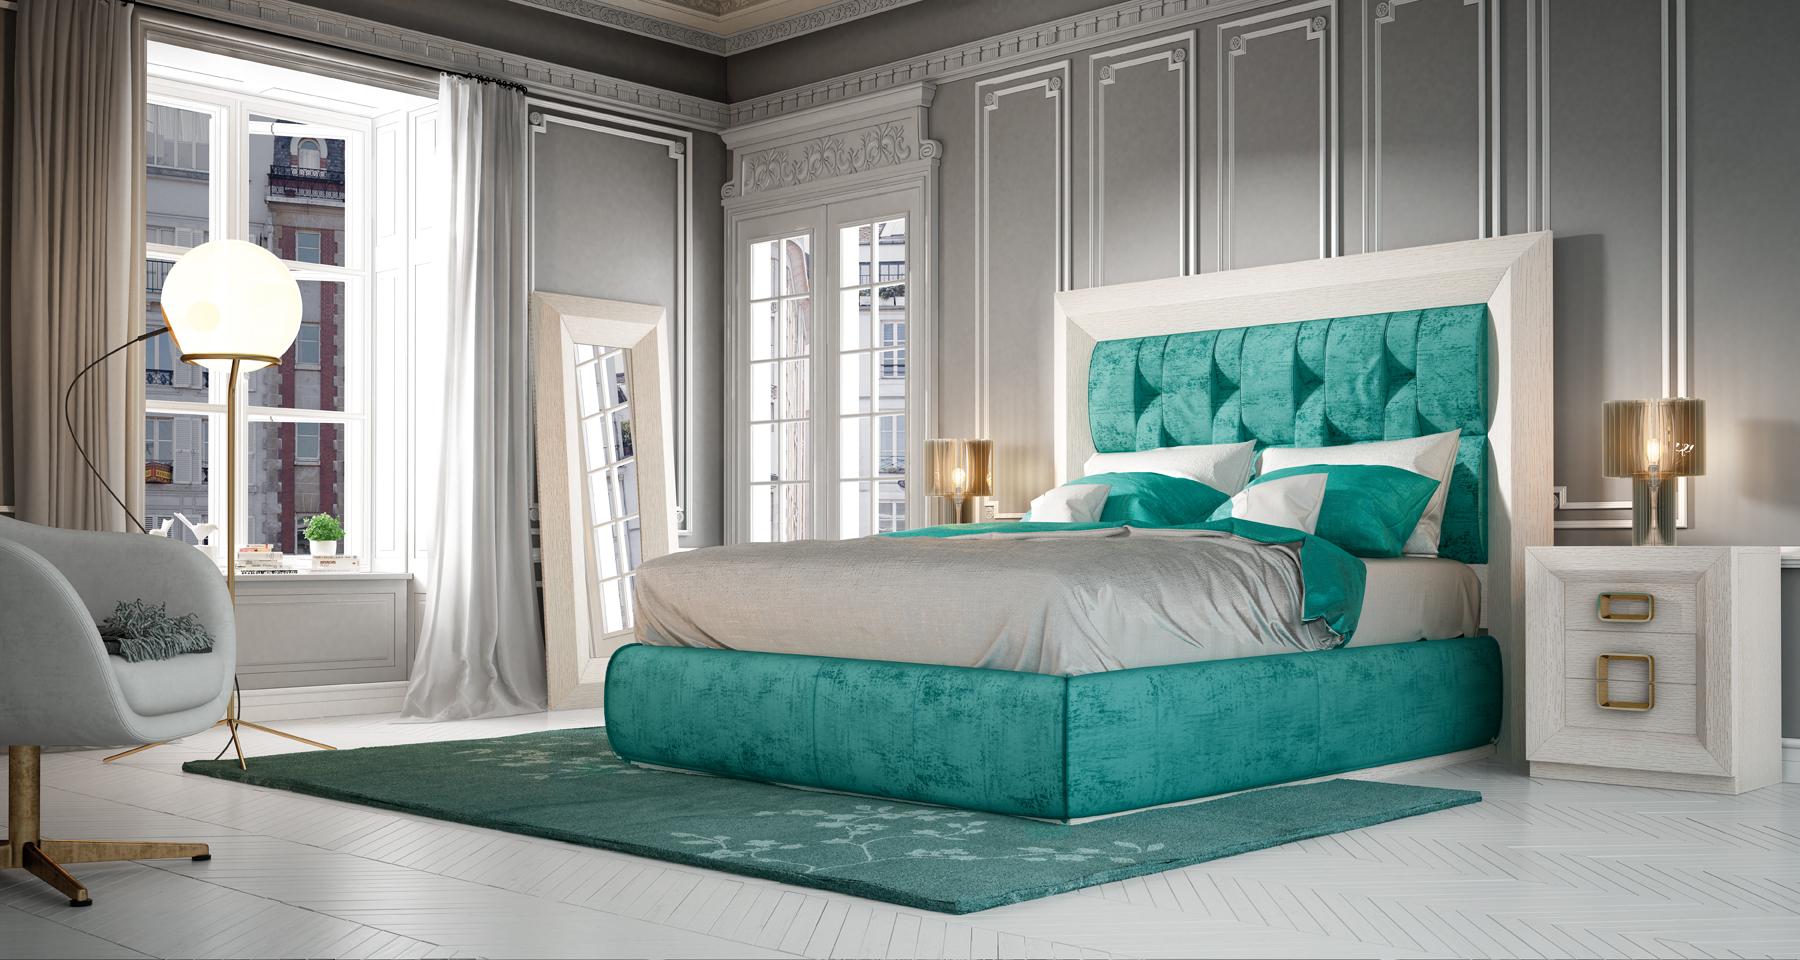 Decoración para evitar el calor. Dormitorio color claro